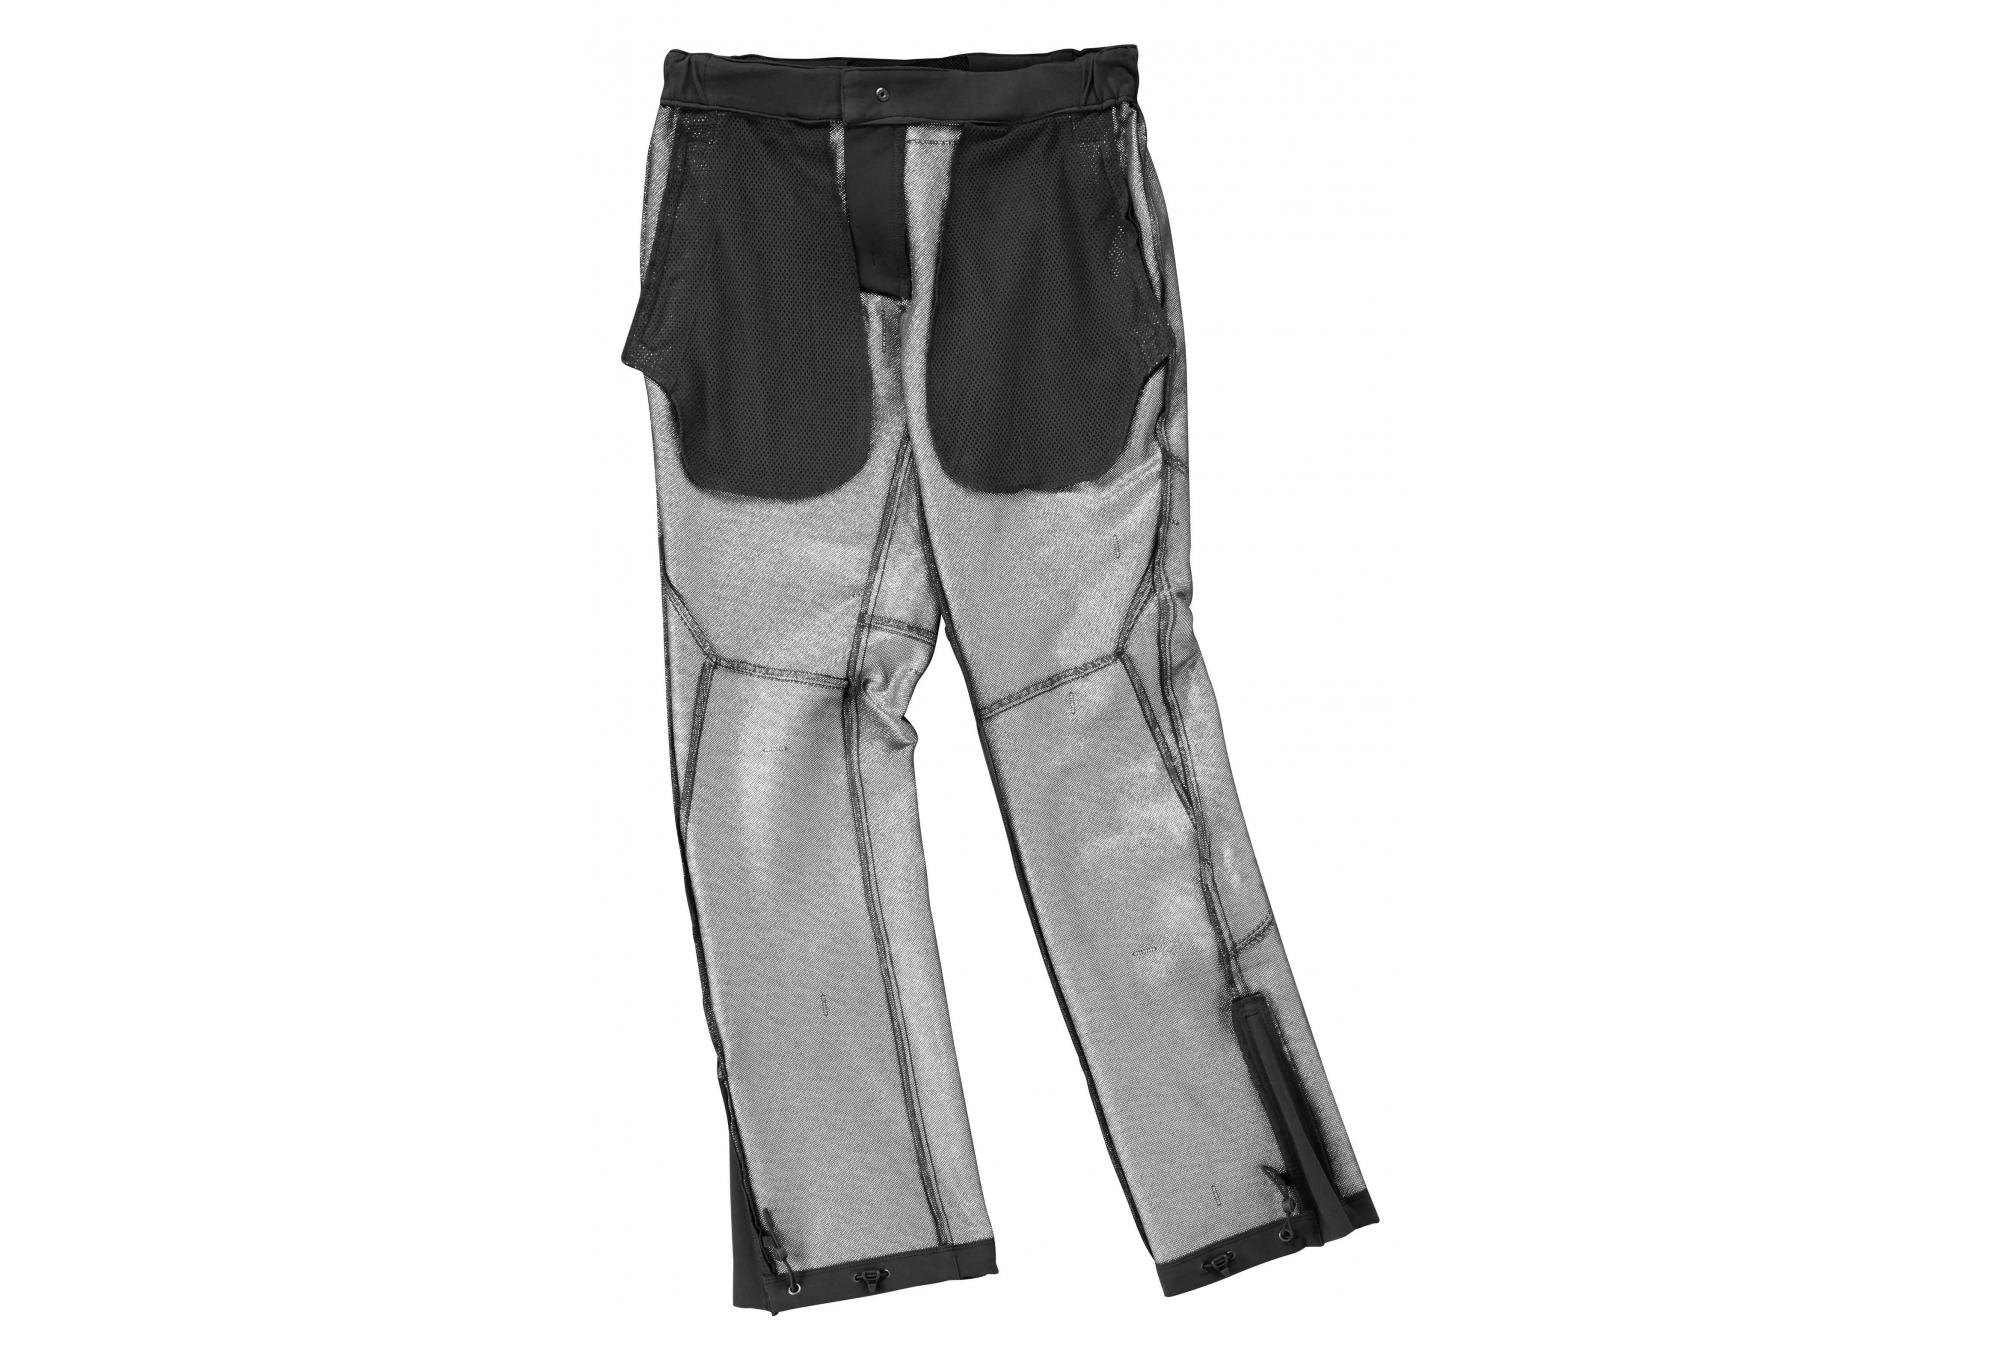 COLUMBIA Passo Alto II Heat Pant Black